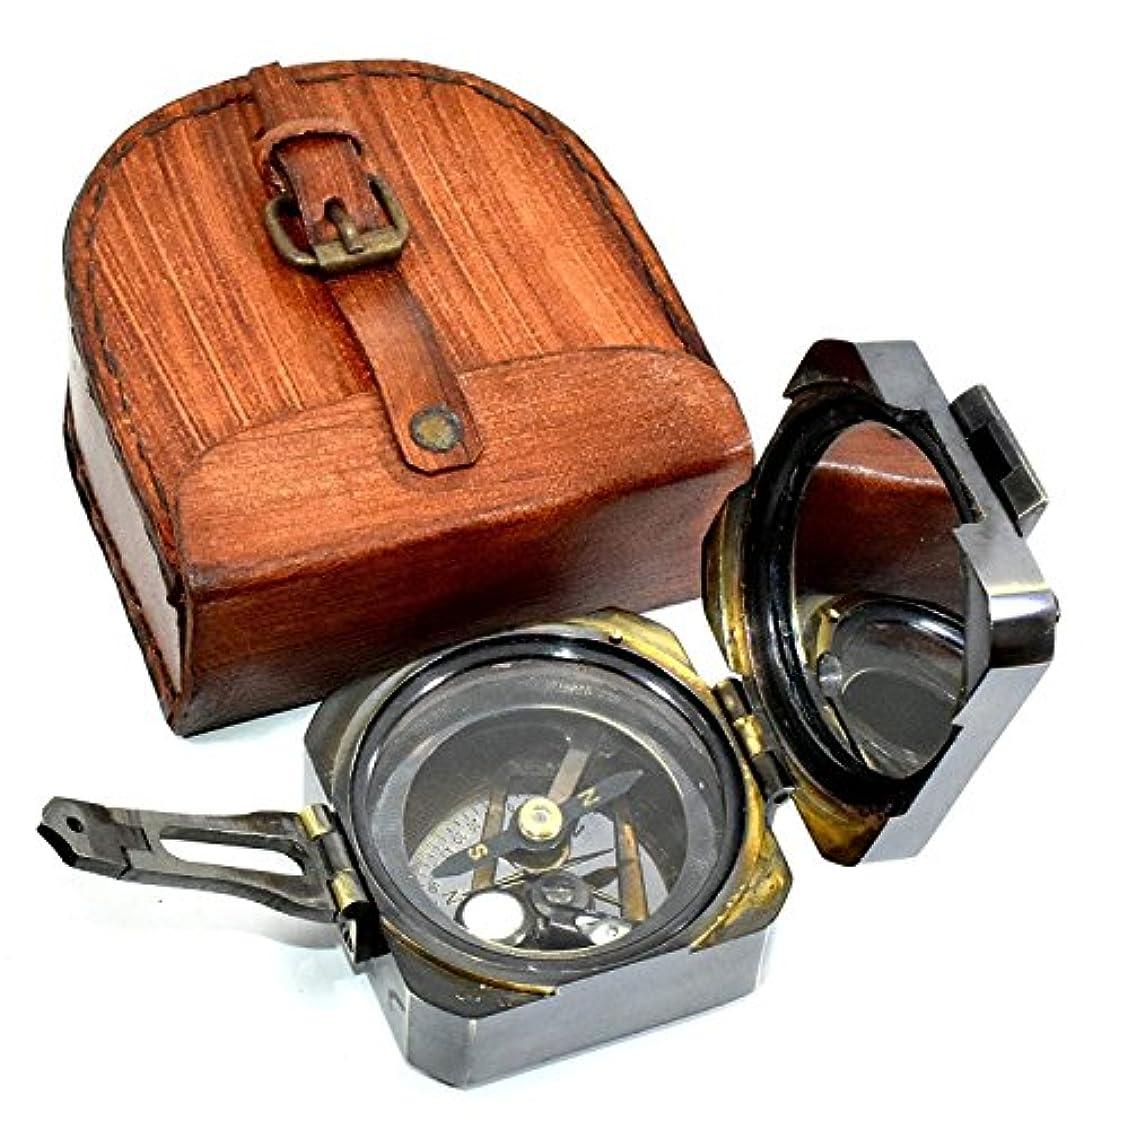 みなす手当十分ではないcamping-compass/日時計コンパス真鍮Nauticalデバイス – クリノメーターコンパス、プッシュボタン(スピリットレベル) – ヴィンテージLook磁気デバイスwith Letherボックス